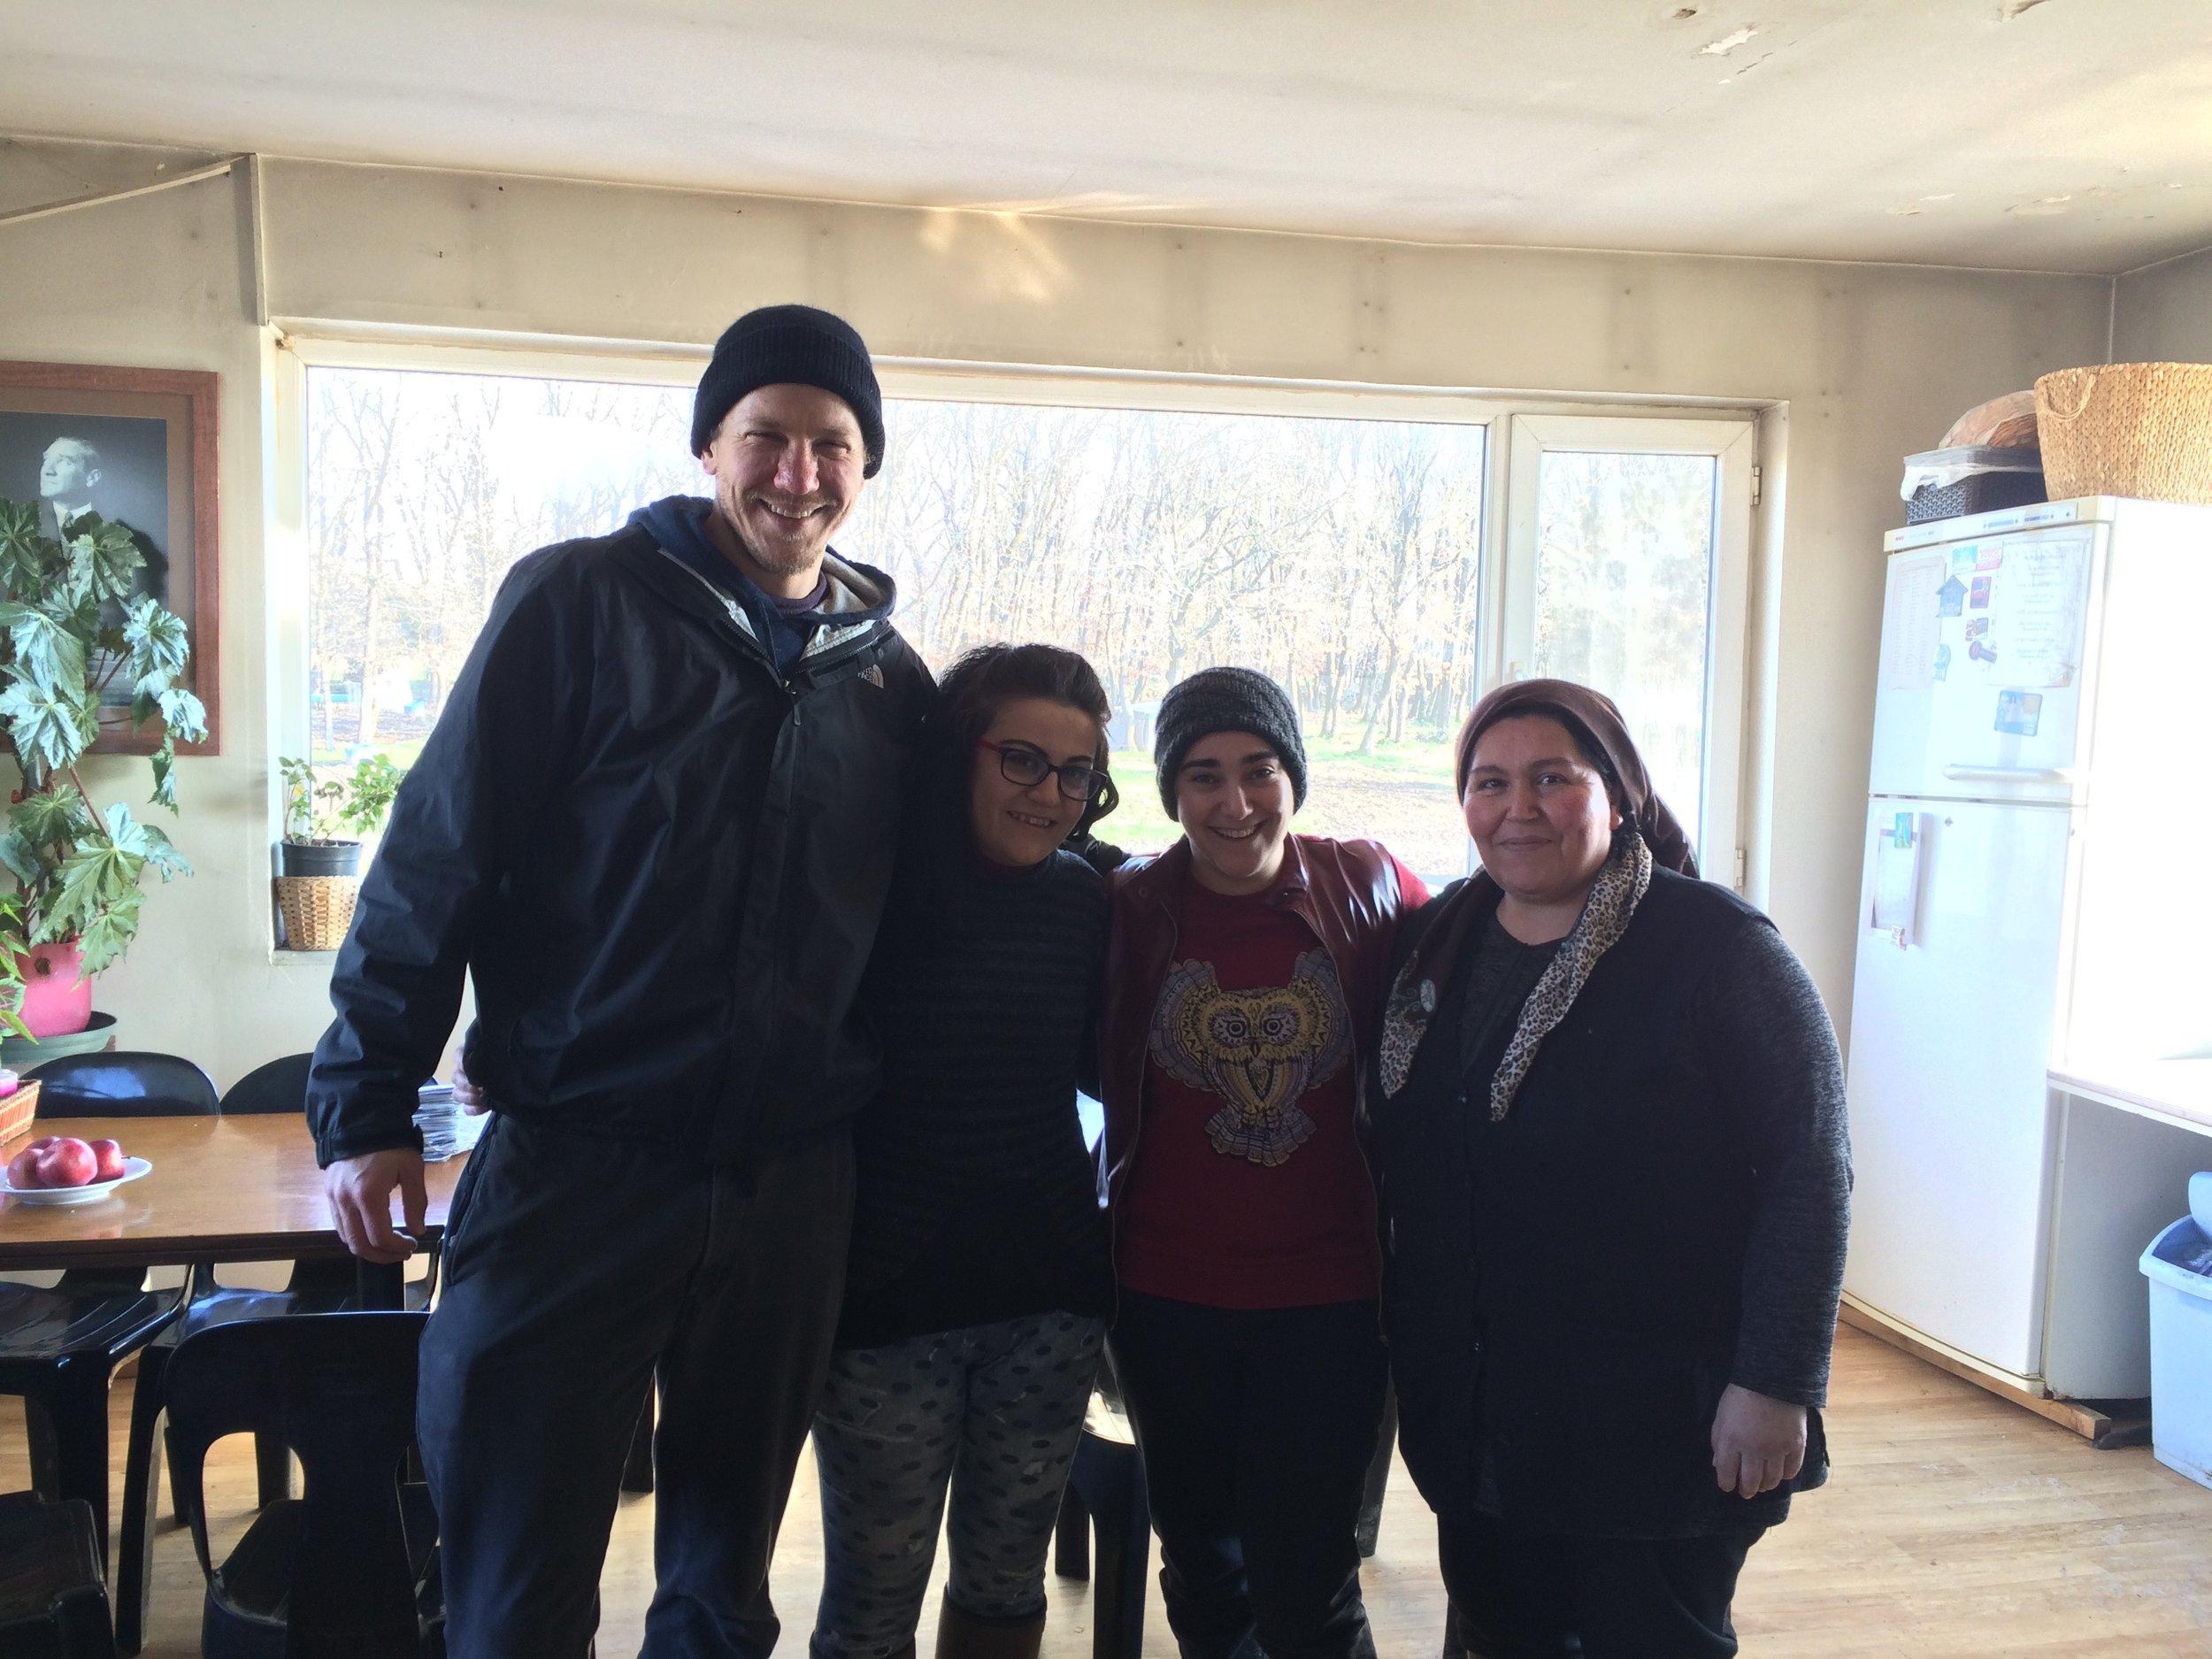 Ayşin, Sumeye, and Zahide